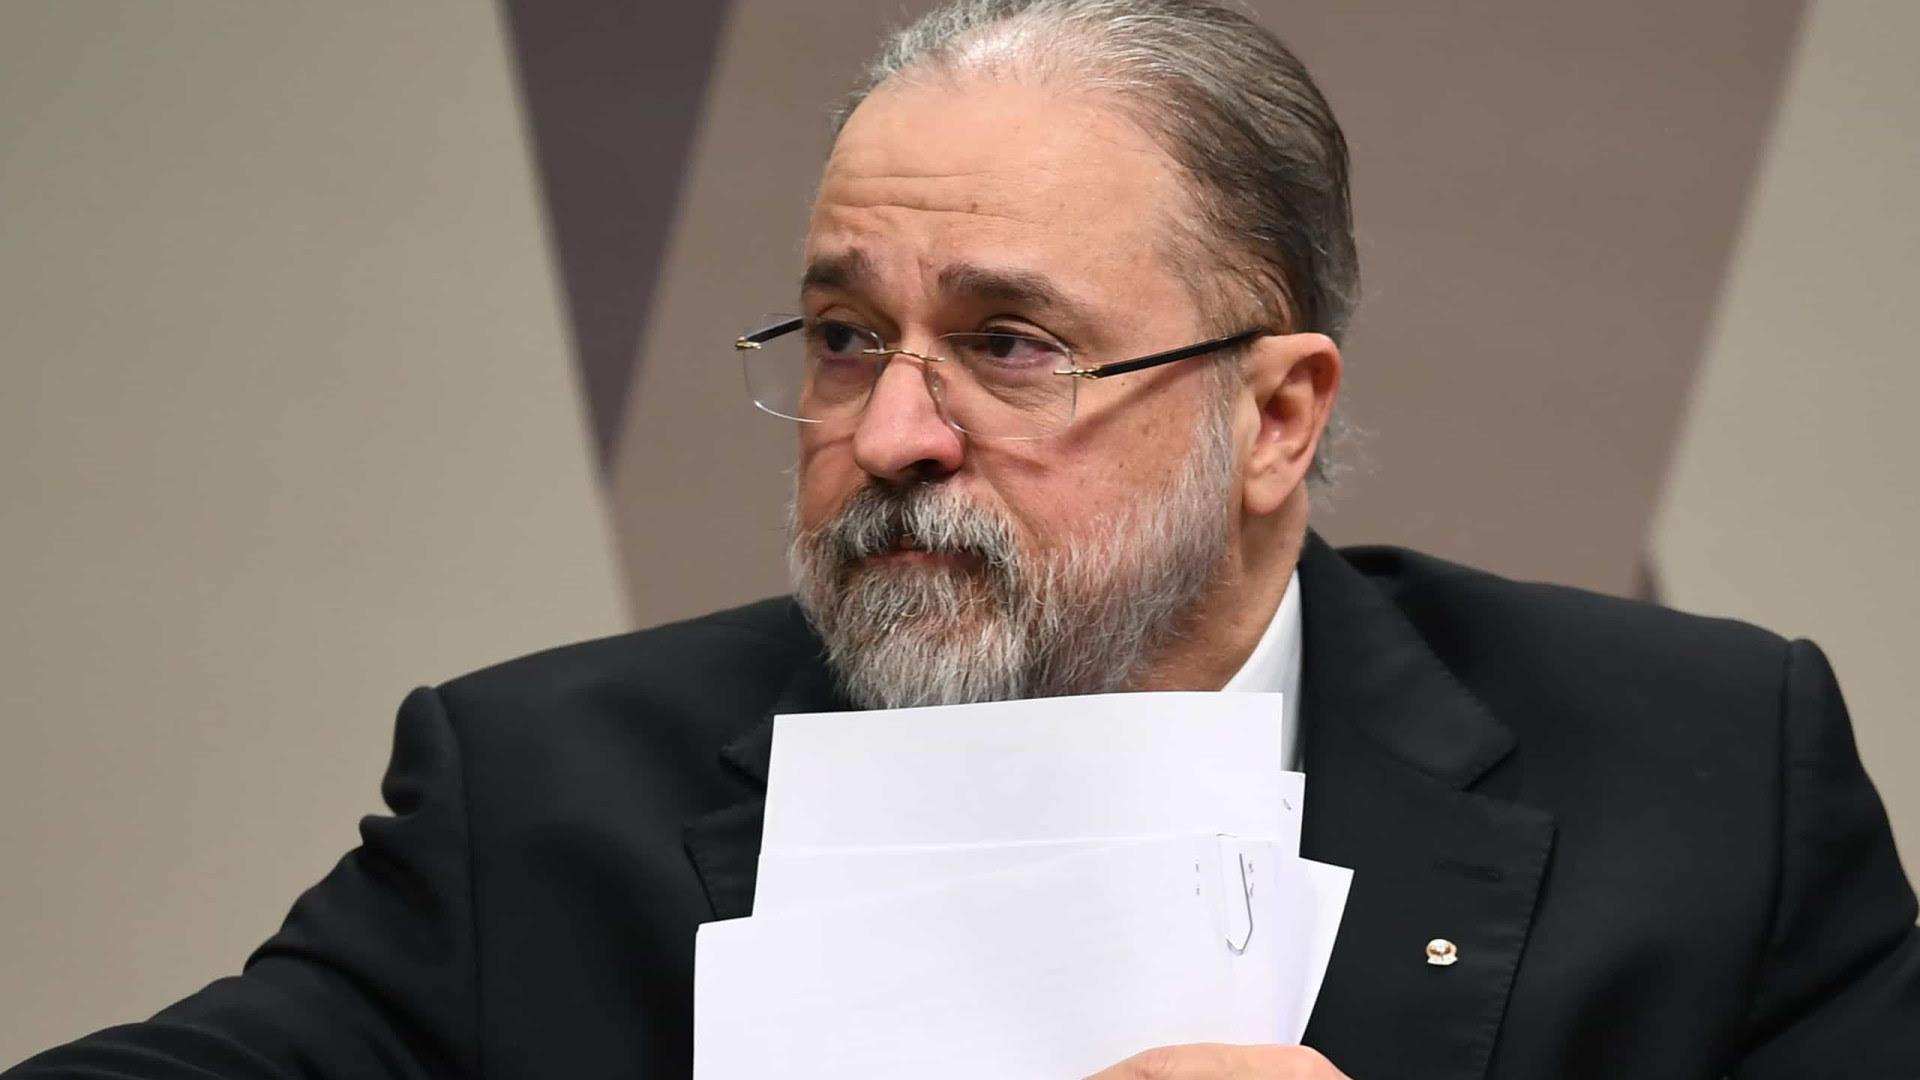 Aras pede para STF suspender MP das fake news editada por Bolsonaro